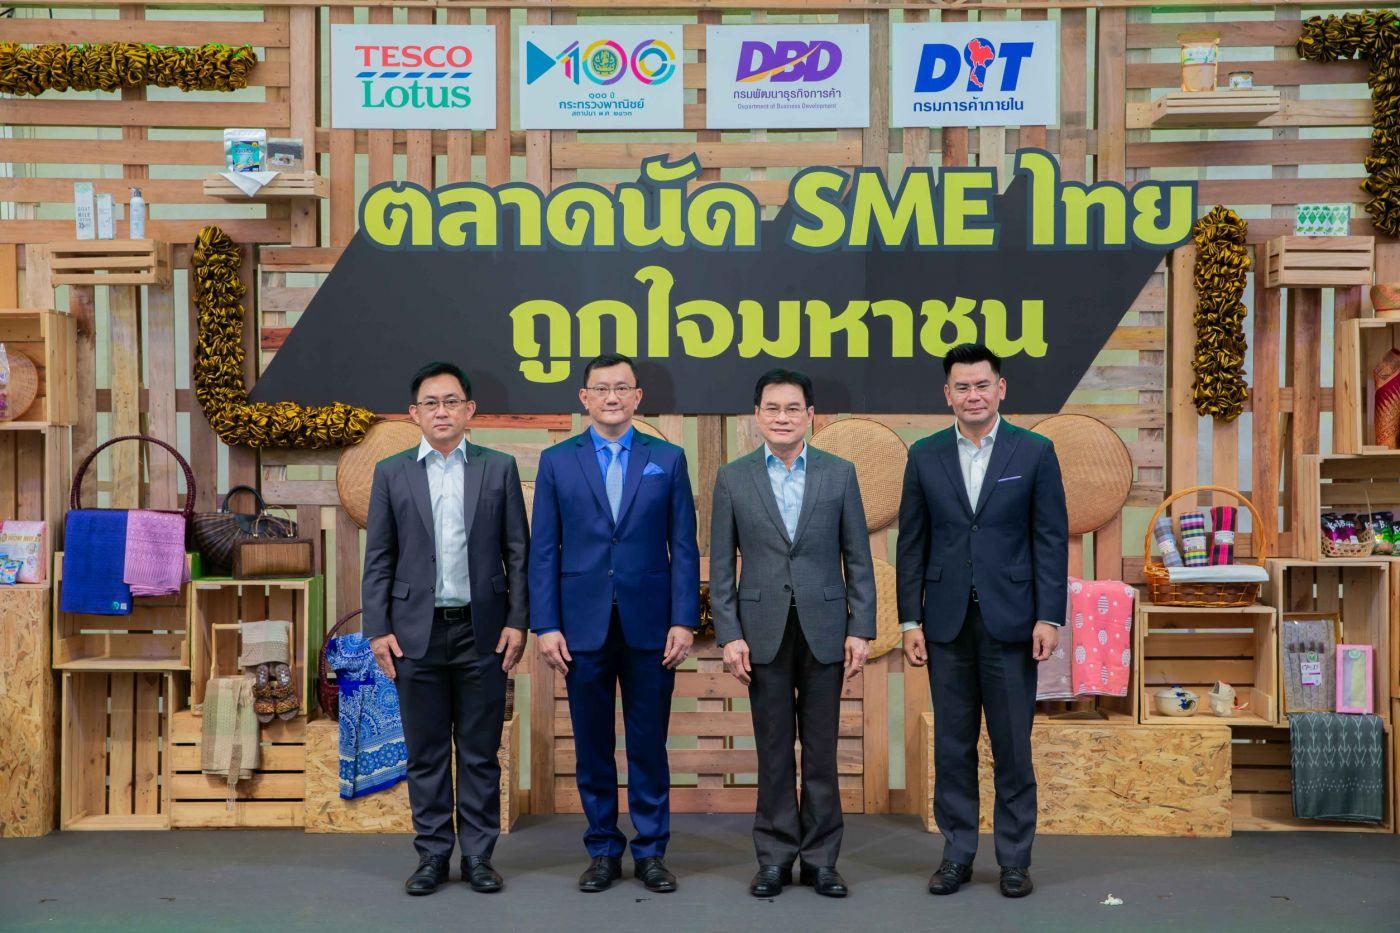 """เทสโก้ โลตัส จับมือ กระทรวงพาณิชย์ เปิดตัว """"ตลาดนัด SME ไทย ถูกใจมหาชน"""" เปิดพื้นที่ให้ผู้ประกอบการ SME 300 รายจำหน่ายสินค้าฟรี ฝ่าวิกฤติโควิด-19"""